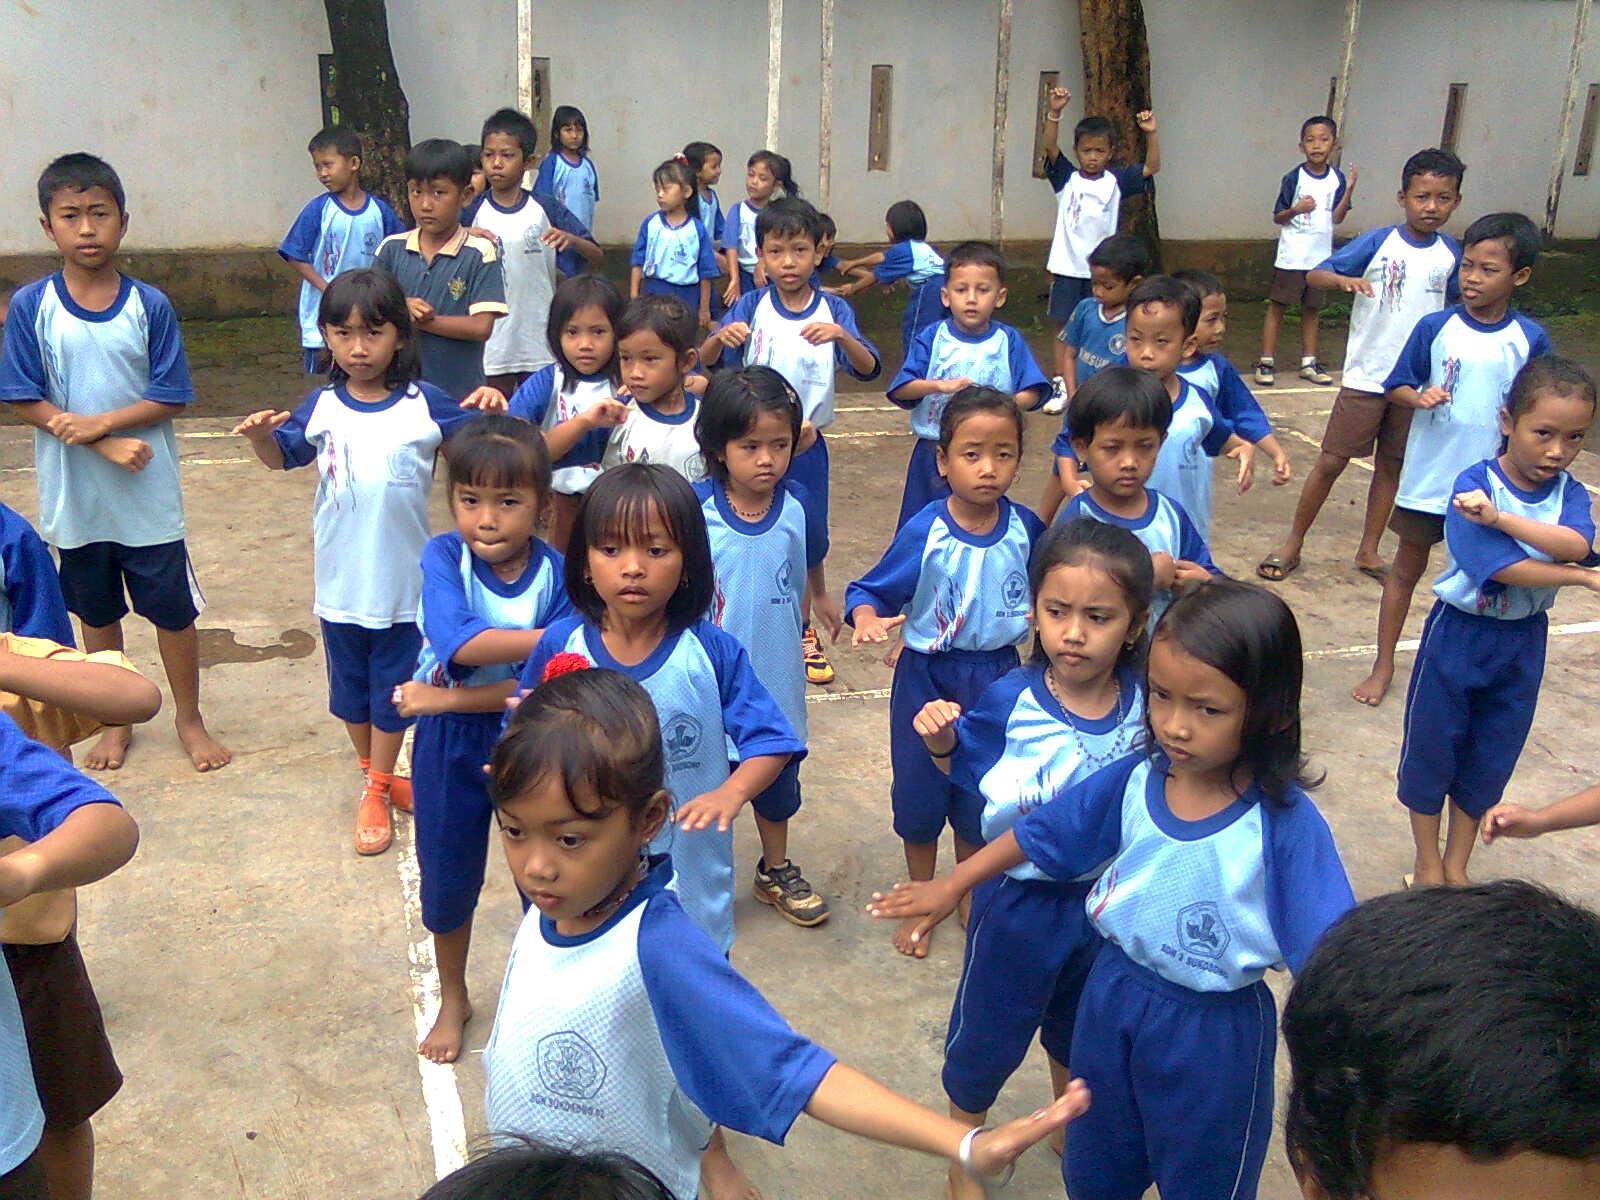 TAMAMI JAYA: Karakteristik anak-anak SD dari kelas 1 - 6